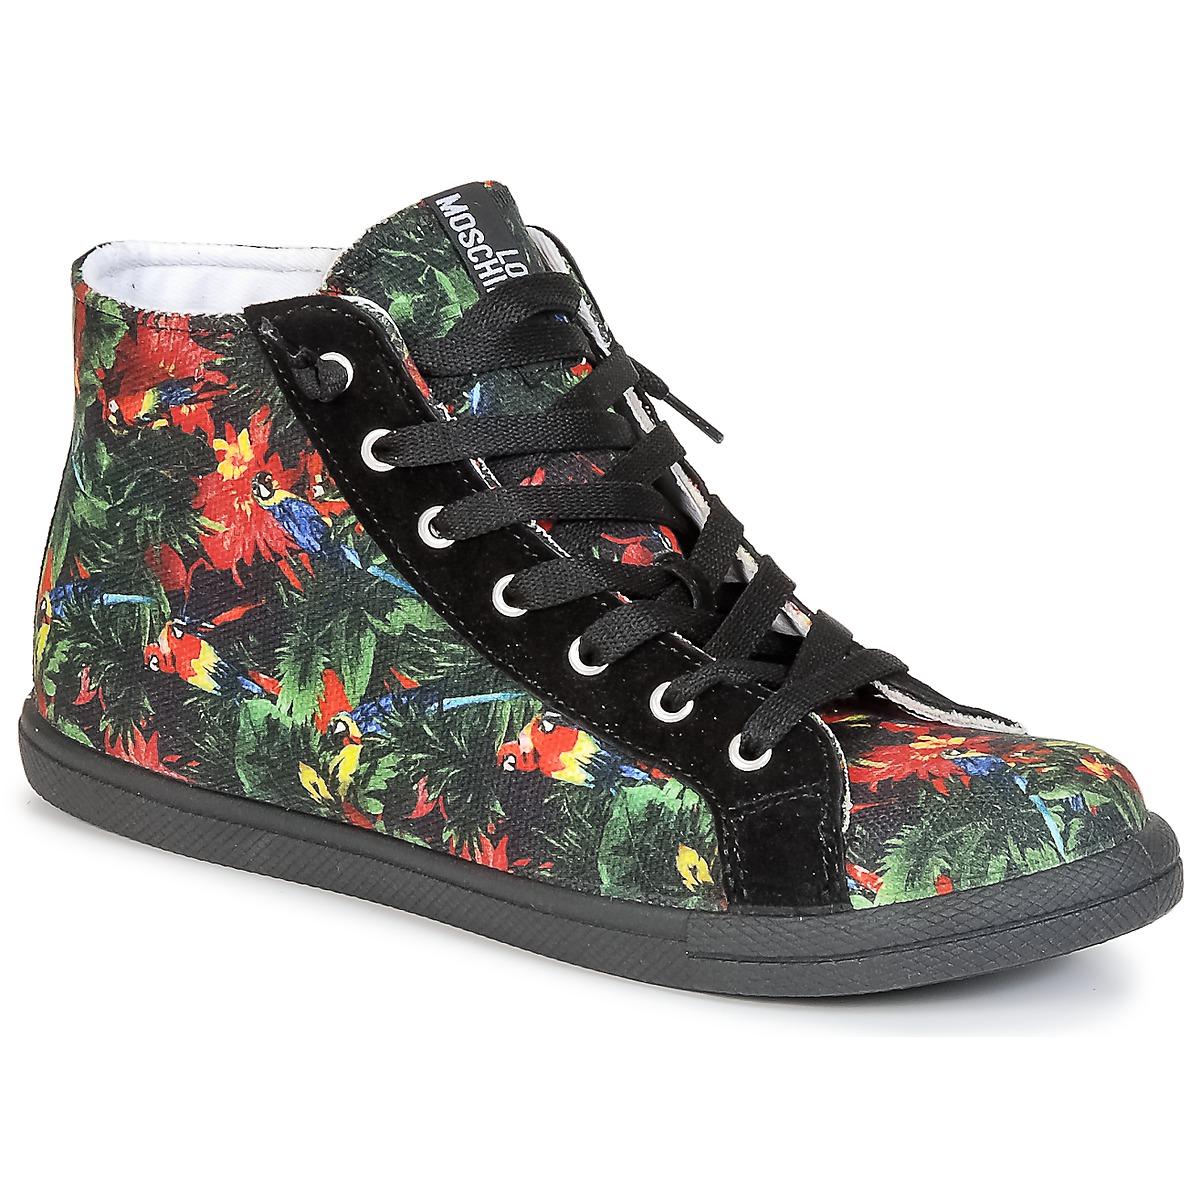 44f4abcba09d80 Love Moschino JA15132G0KJE0000 Schwarz   Multifarben - Kostenloser Versand  bei Spartoode ! - Schuhe Sneaker High Damen 78